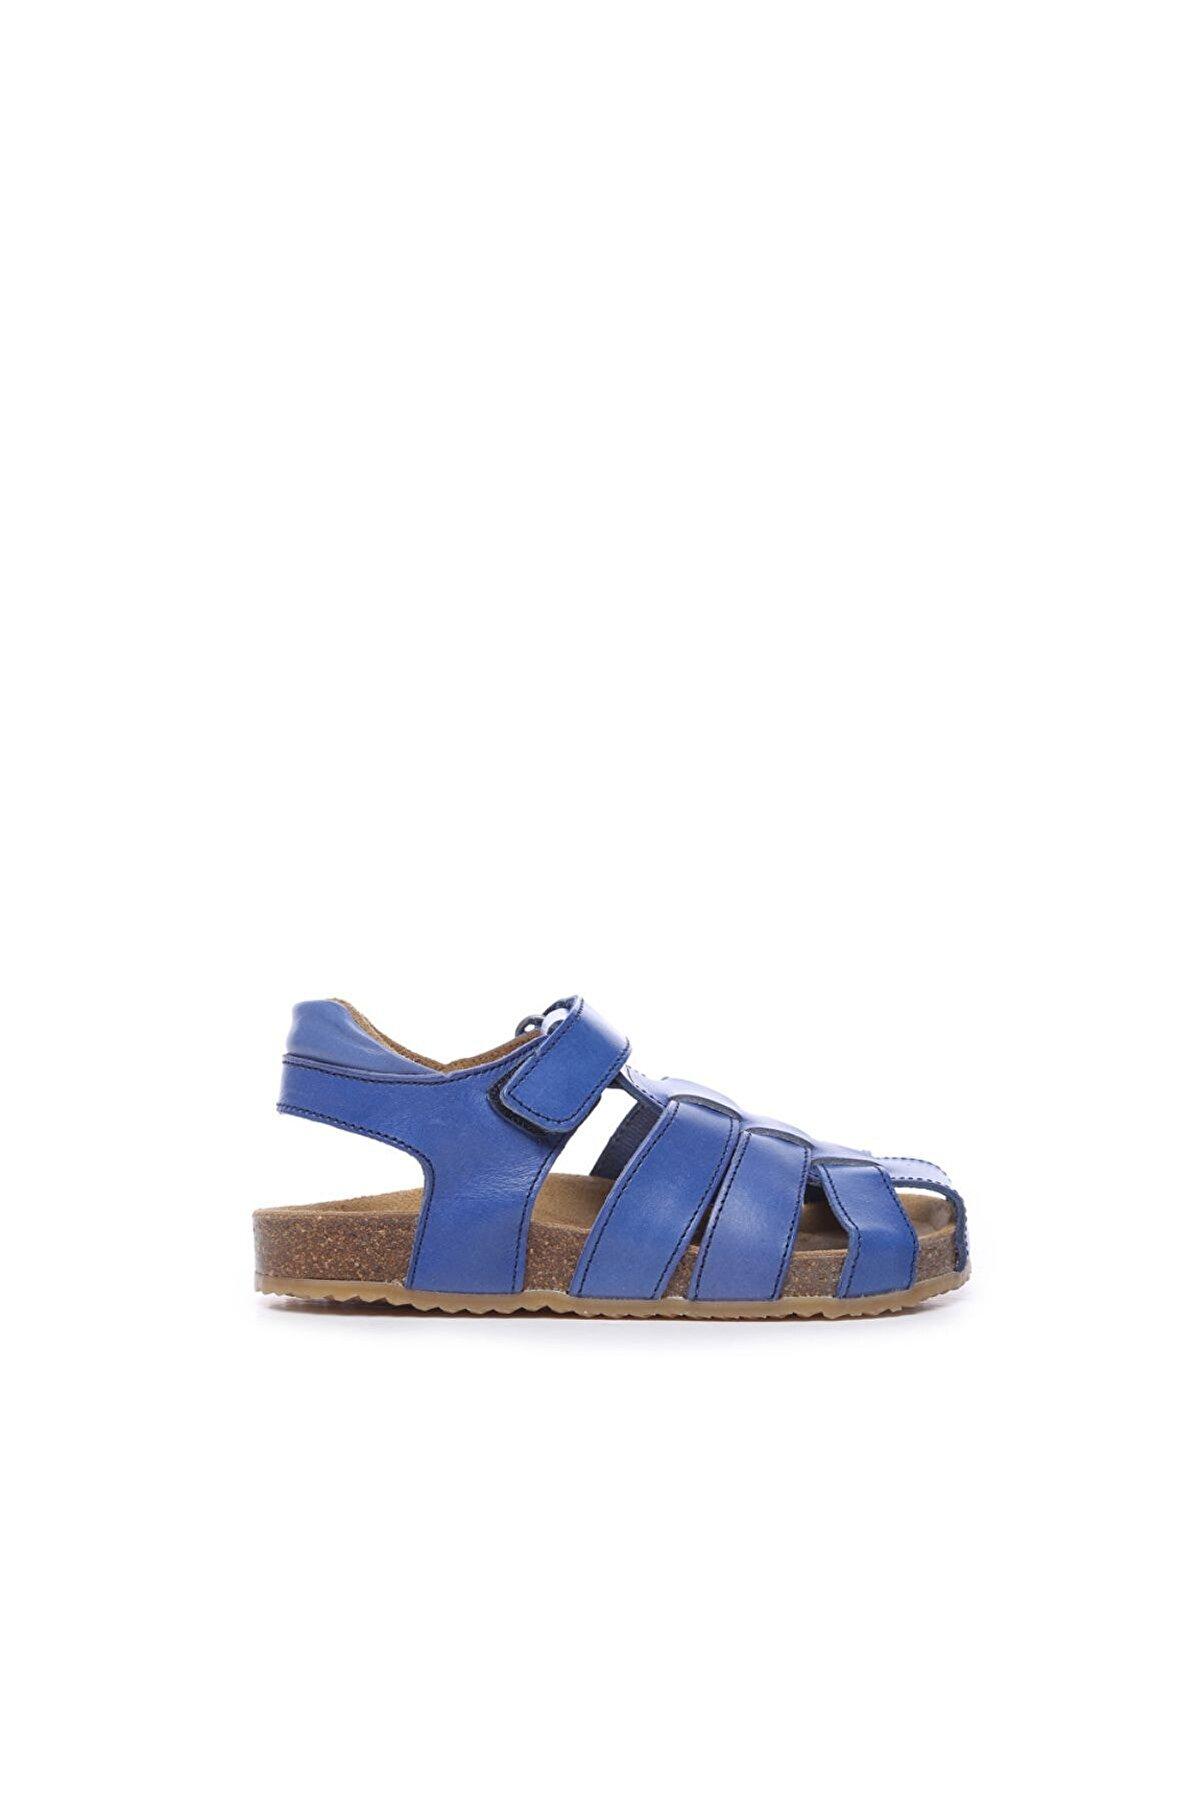 Kemal Tanca Çocuk Derı Çocuk Sandalet Sandalet 104 12271 CCK SAND 24/30